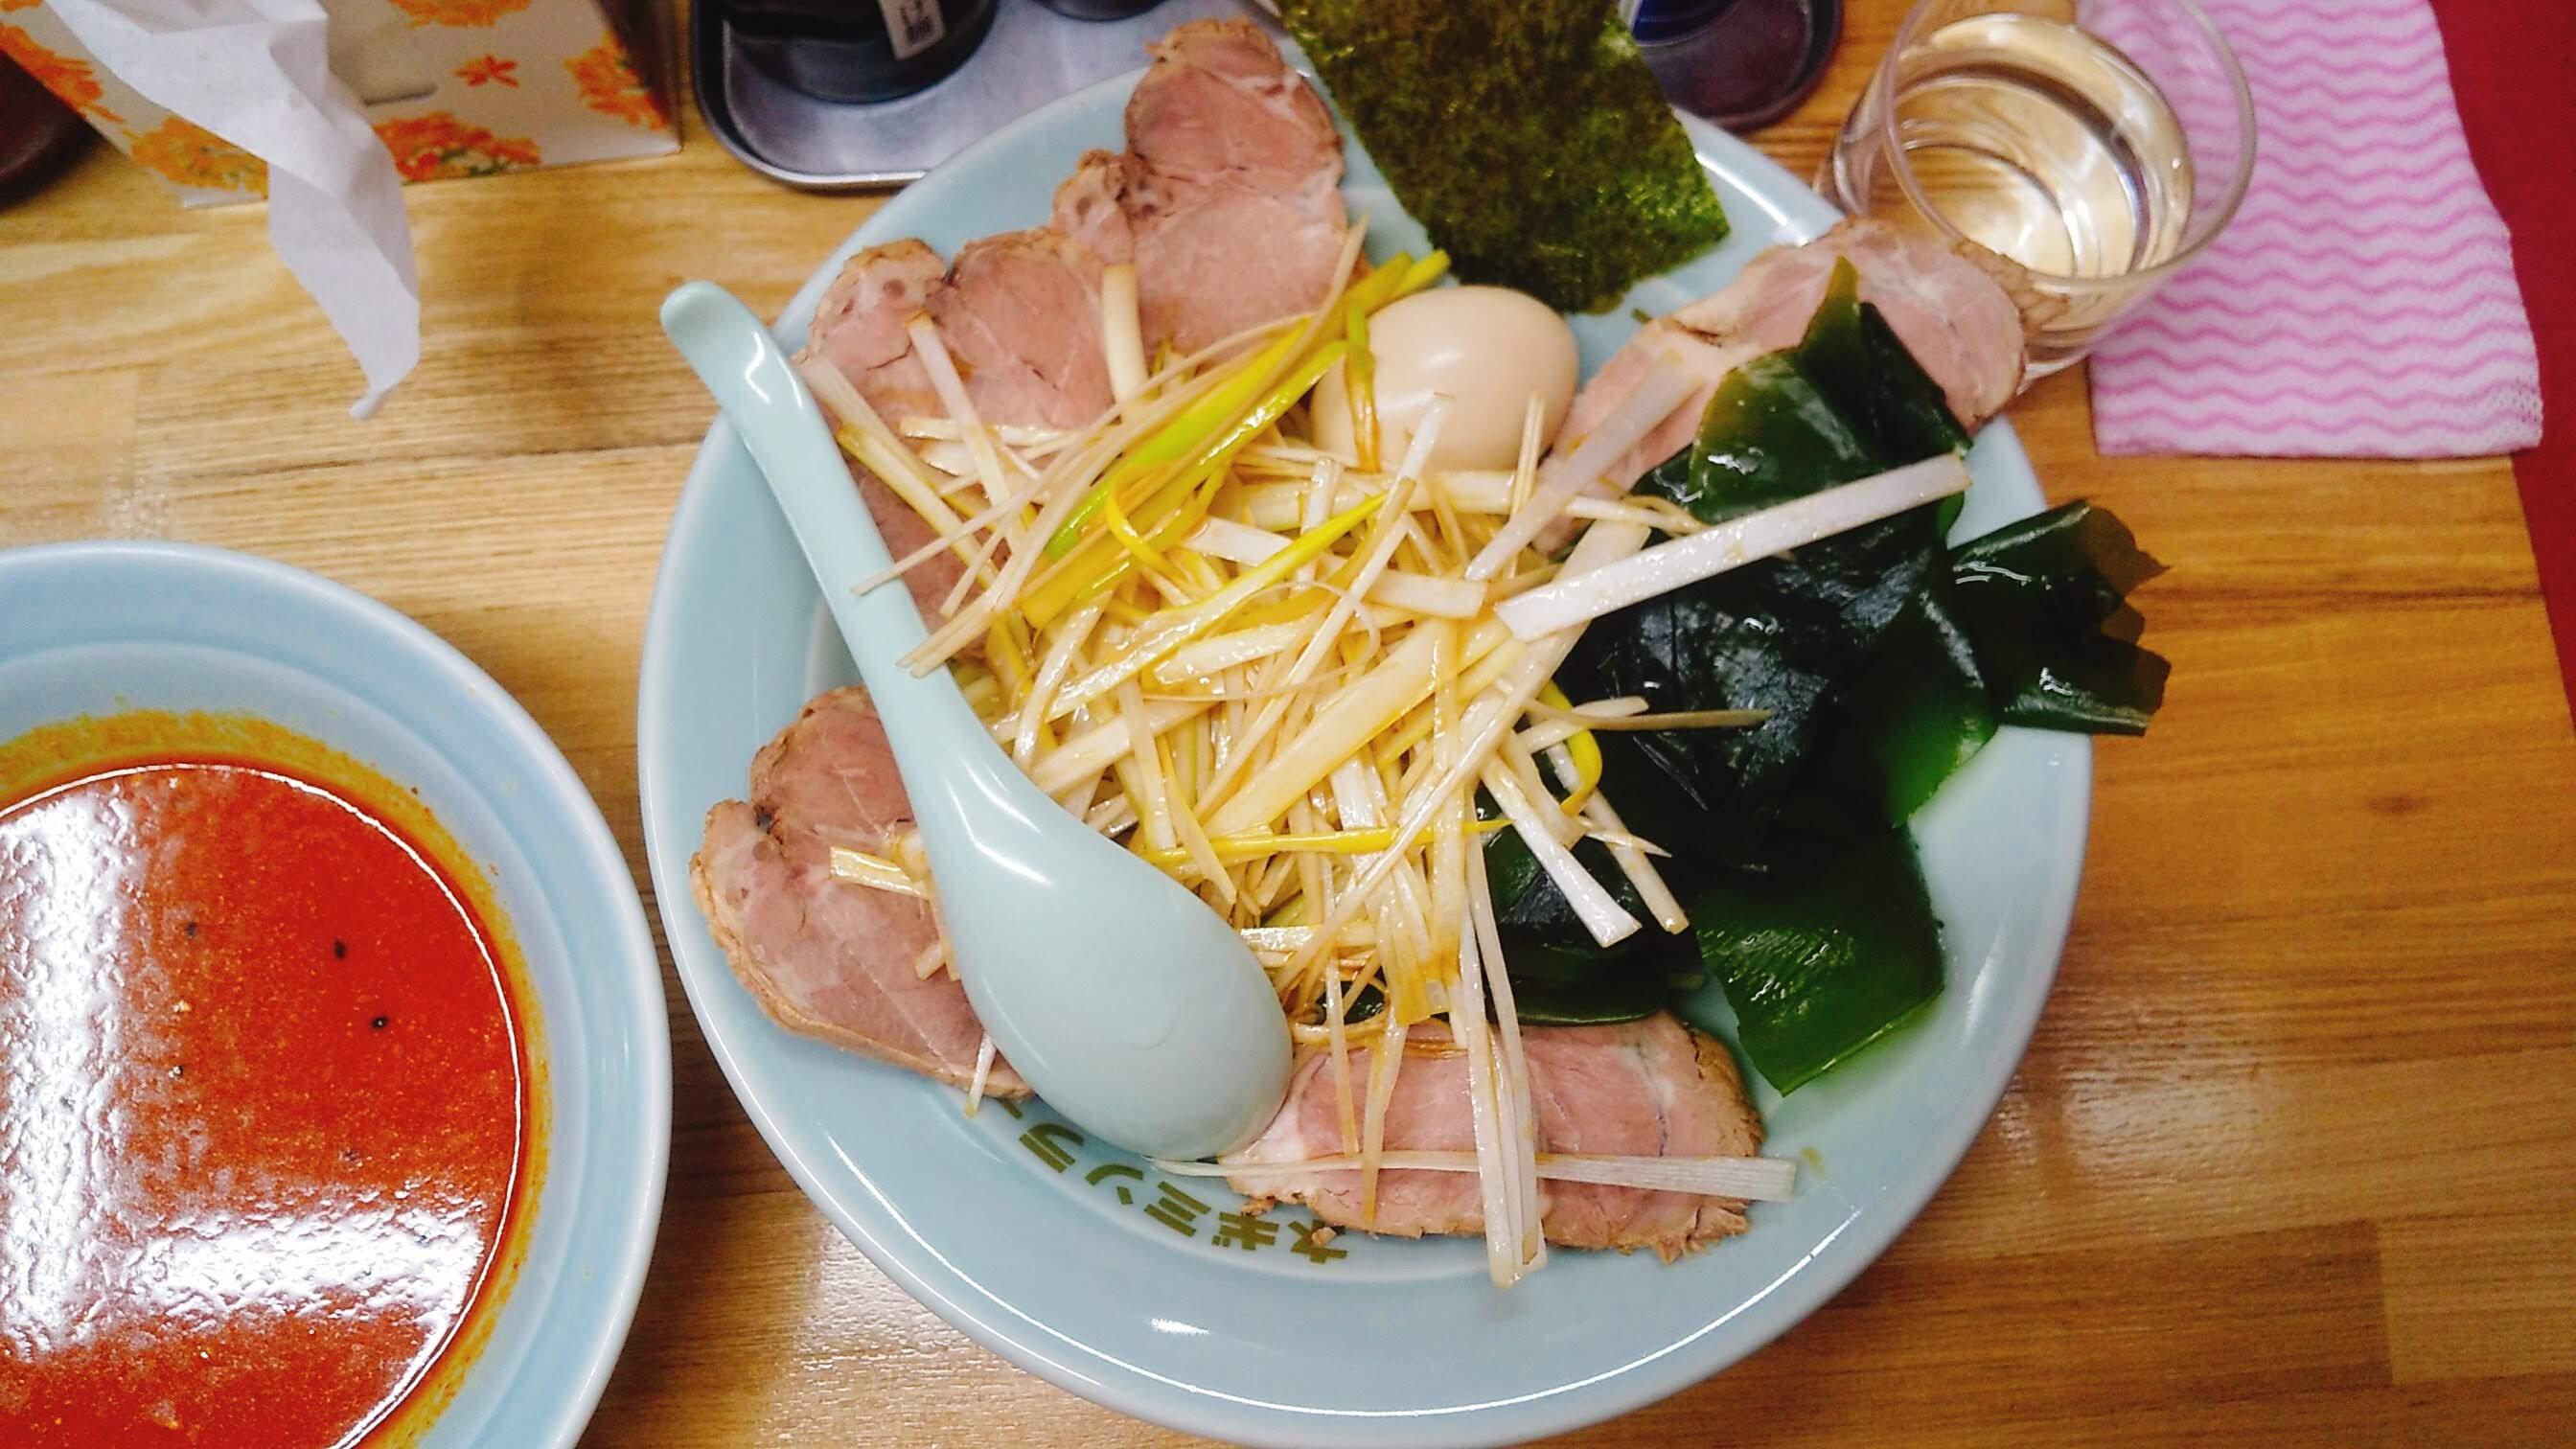 ラーメンショップ堀切の地獄ネギチャーシューつけ麺の麺皿の写真